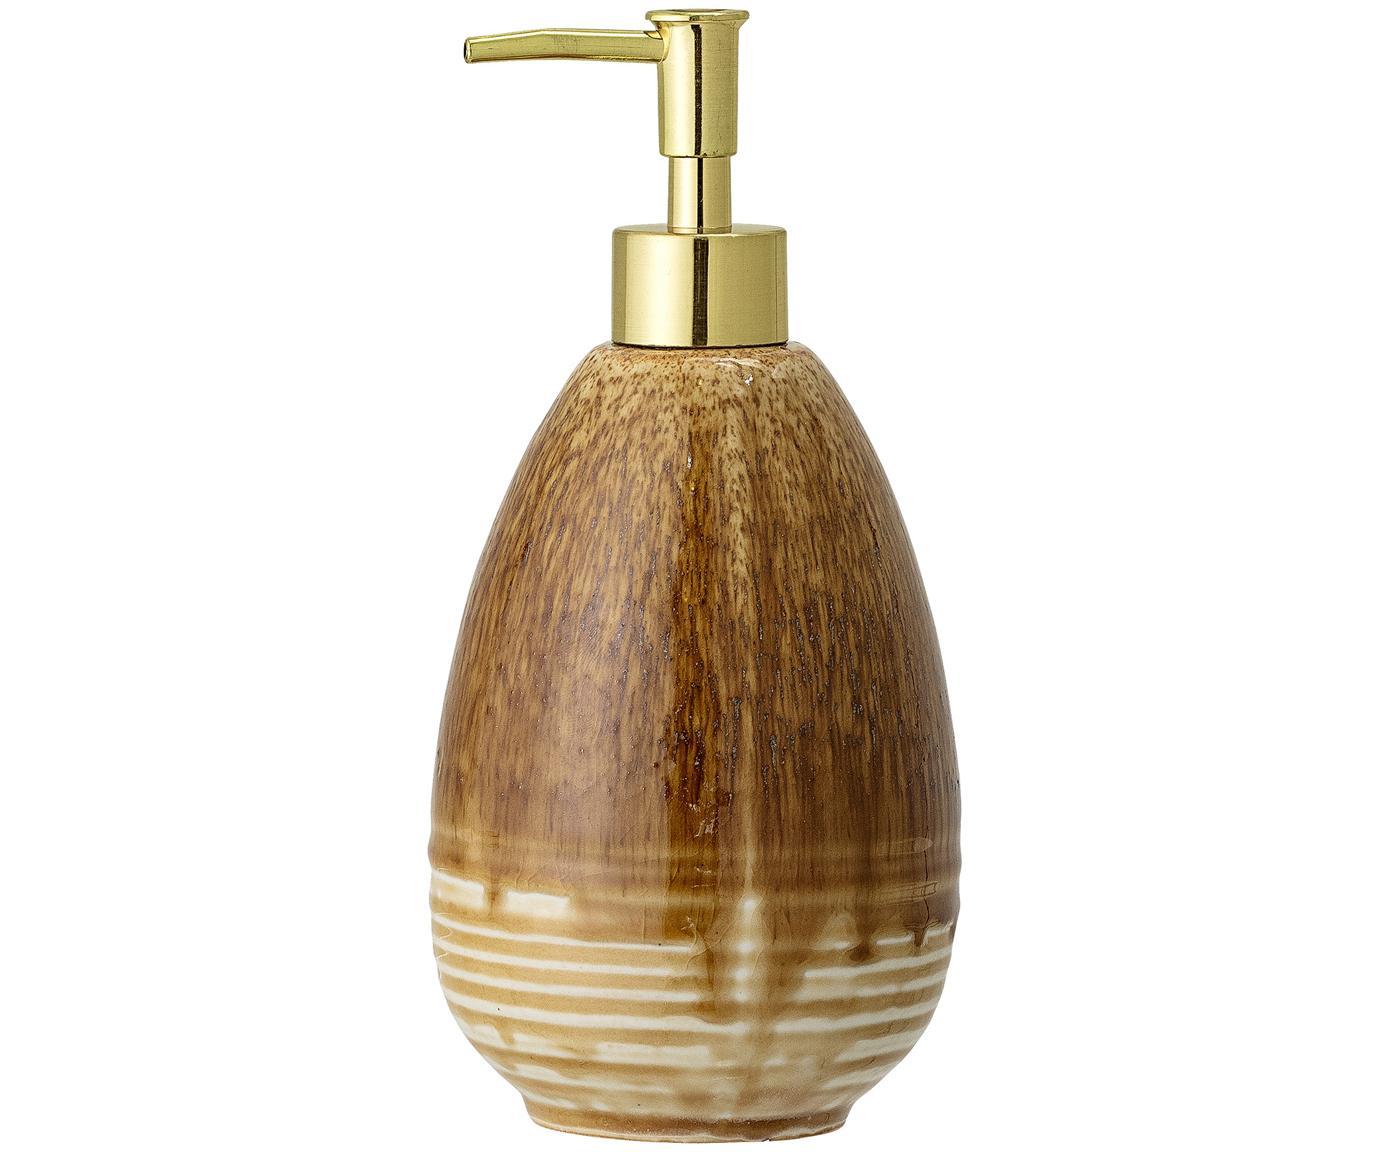 Dosificador de jabón Stenia, Recipiente: gres, Dosificador: plástico, Tonos marrones, dorado, Ø 10 x Al 21 cm